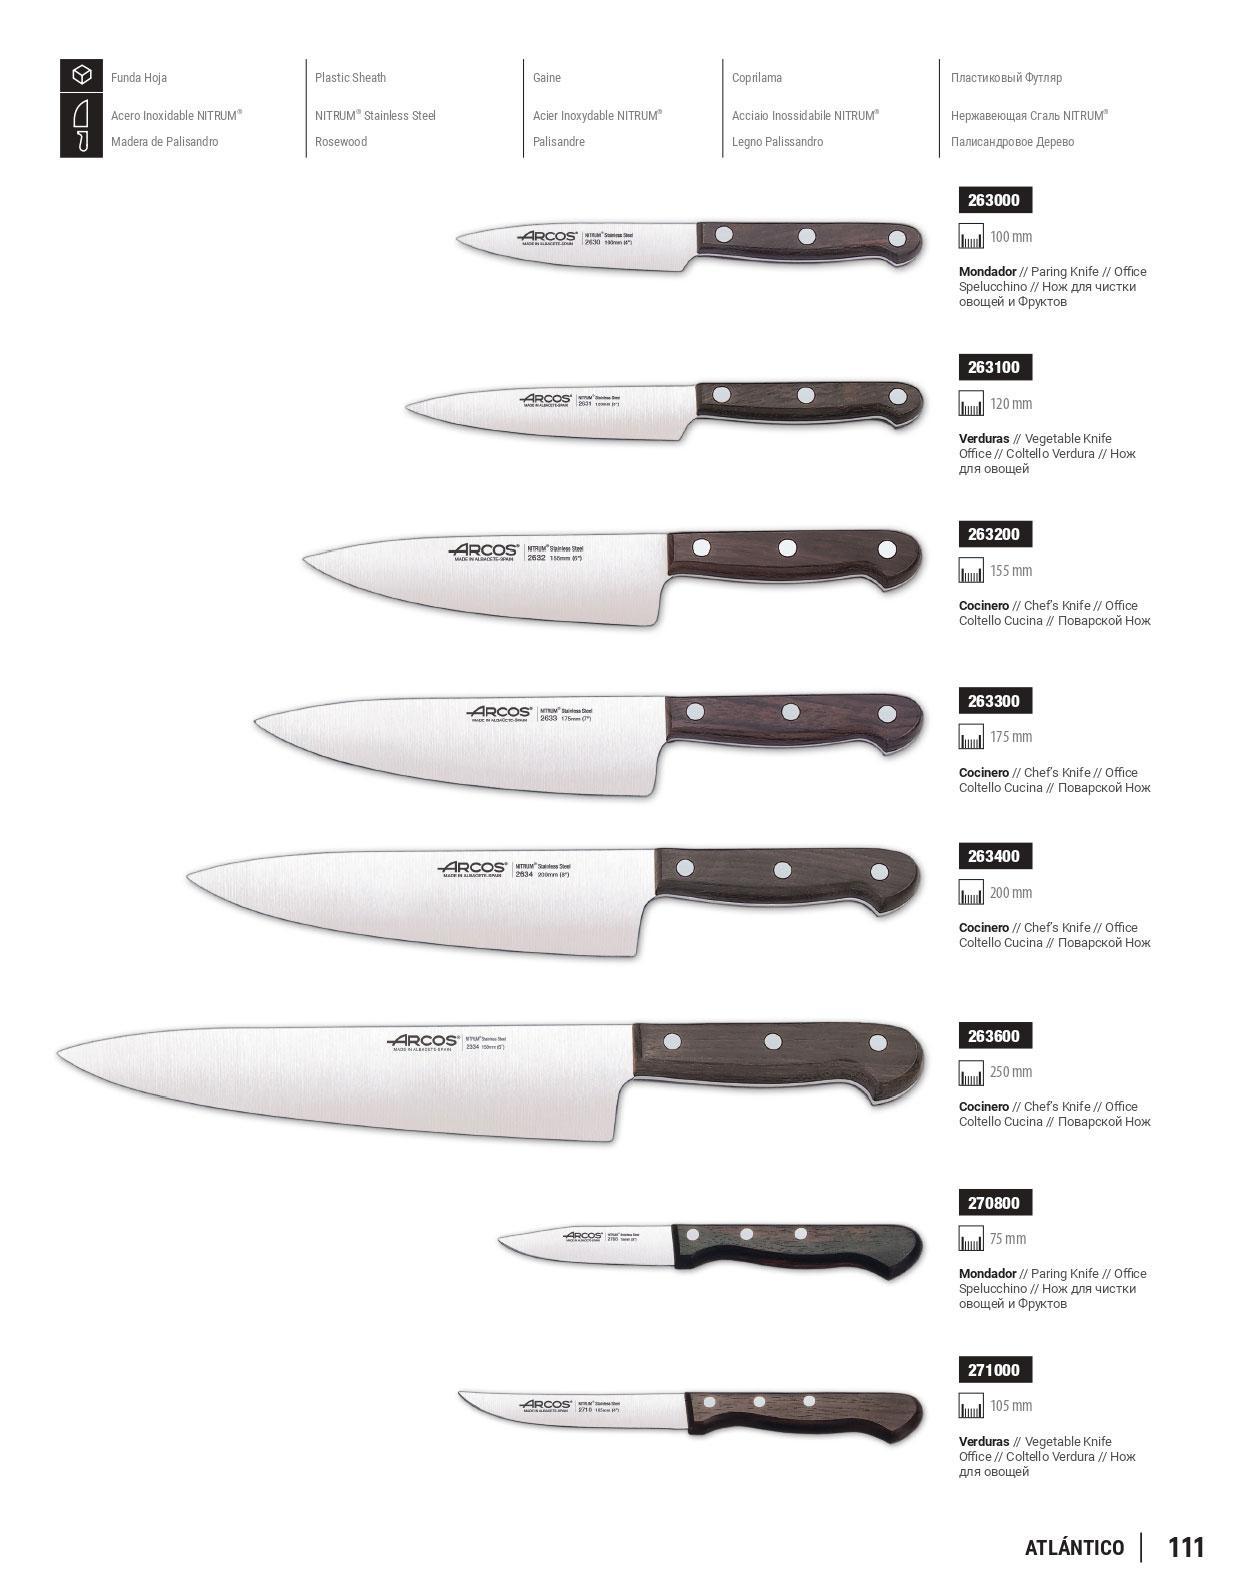 Cuchilleria profesional cocinero cuchillos de cocina palisandro arcos cuchilleria albacete - Cuchillos de cocina arcos ...